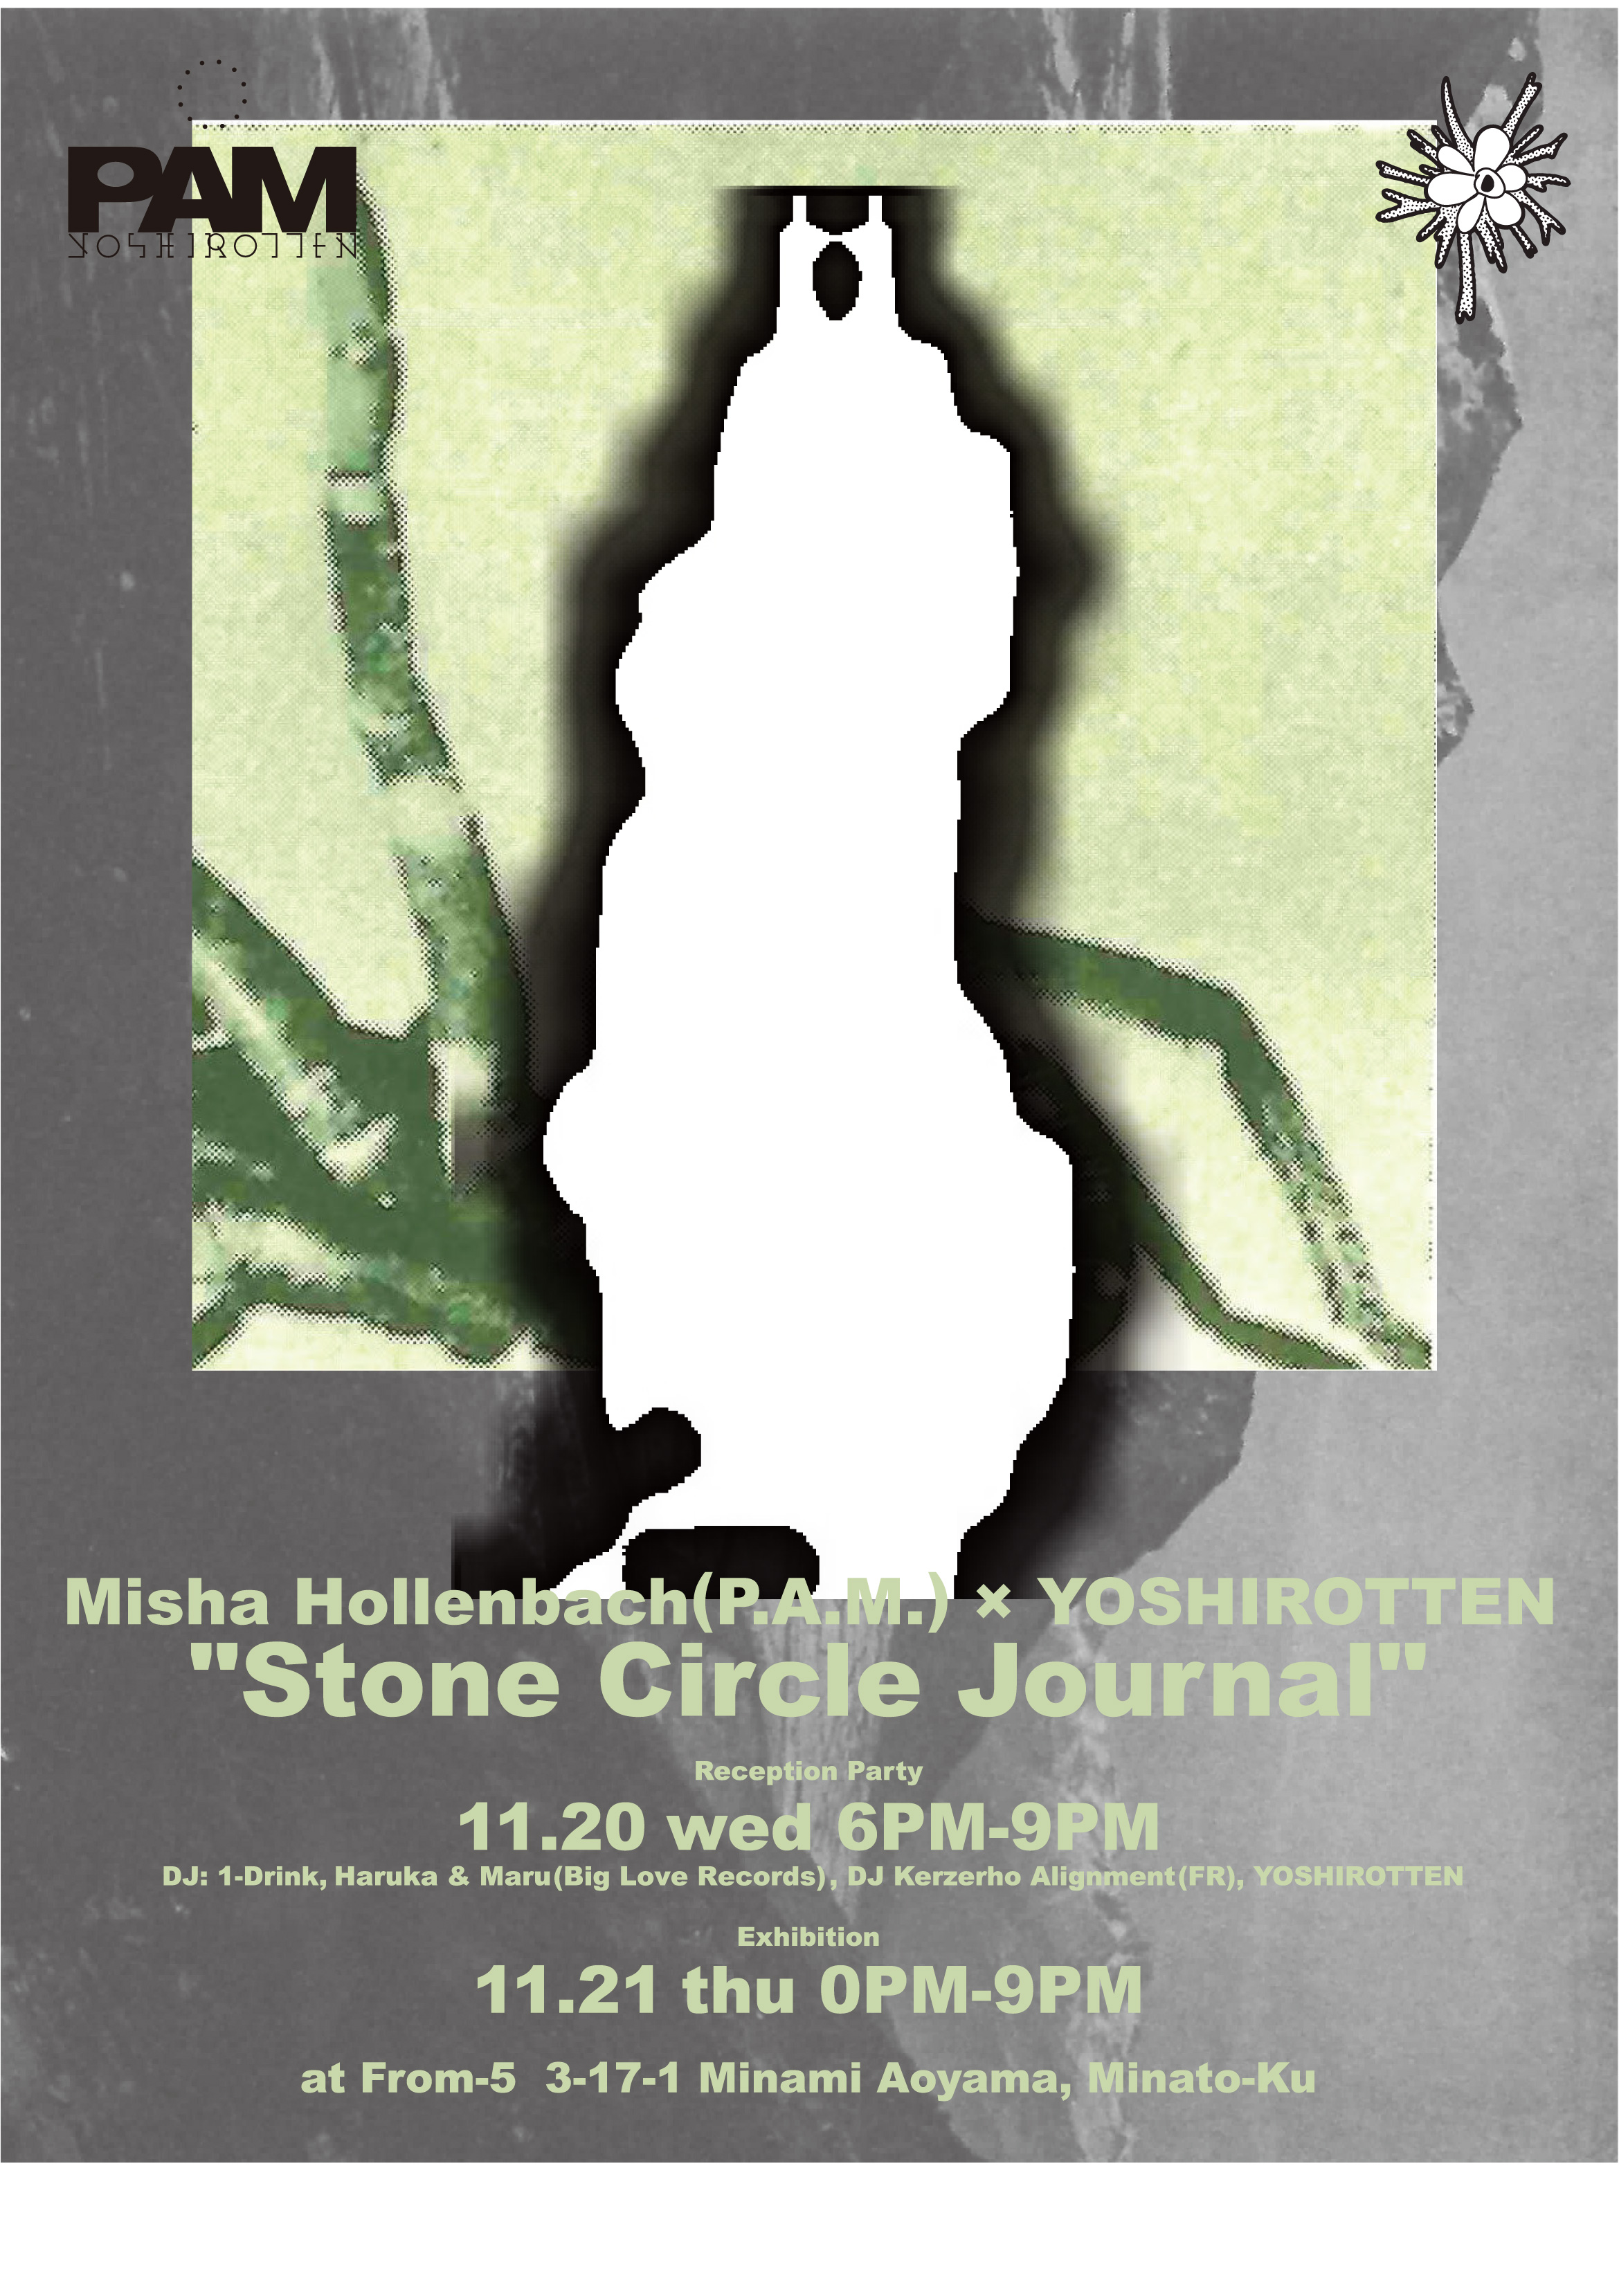 P.A.M×YOSHIROTTENのクリエイティビティ溢れるカプセルコレクション。記念イベントは見逃し厳禁です!